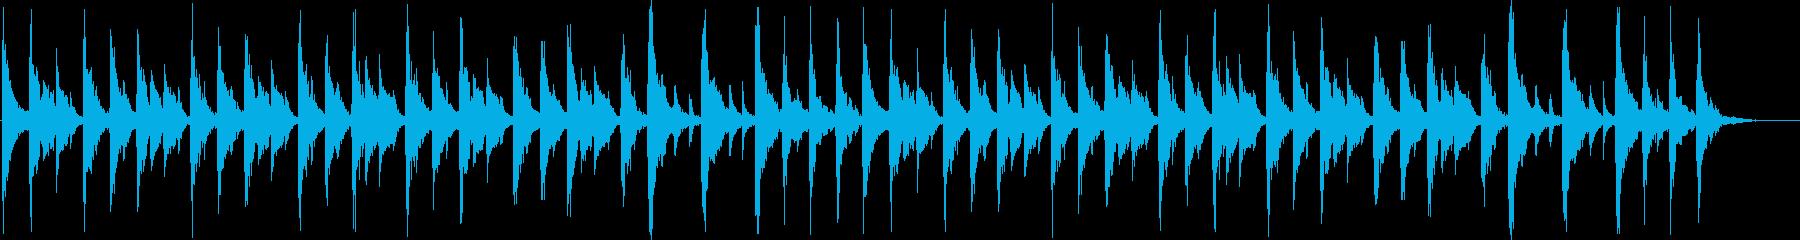 軽快なリズムのコミカルなジングル_ロングの再生済みの波形